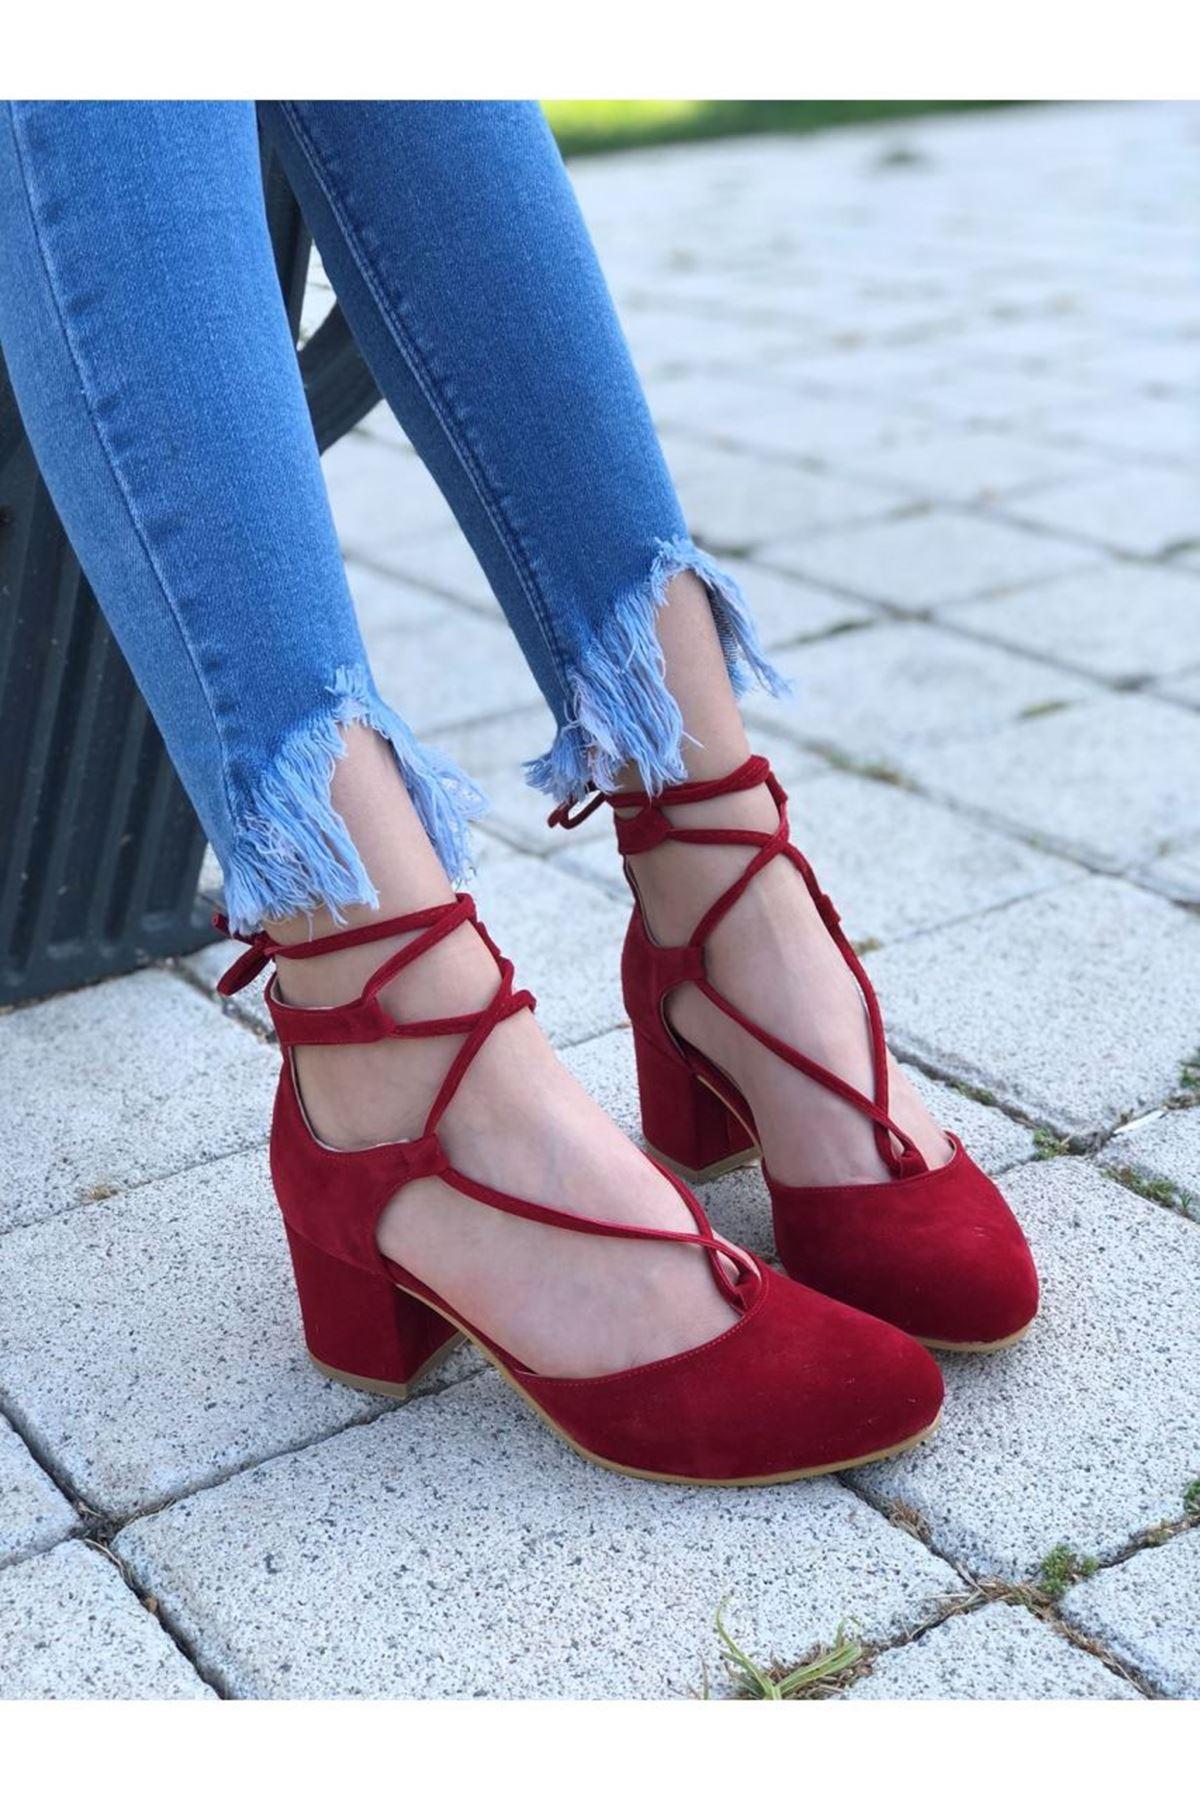 Kadın Putes Kısa Topuk Günlük Ayakkabı Kırmızı